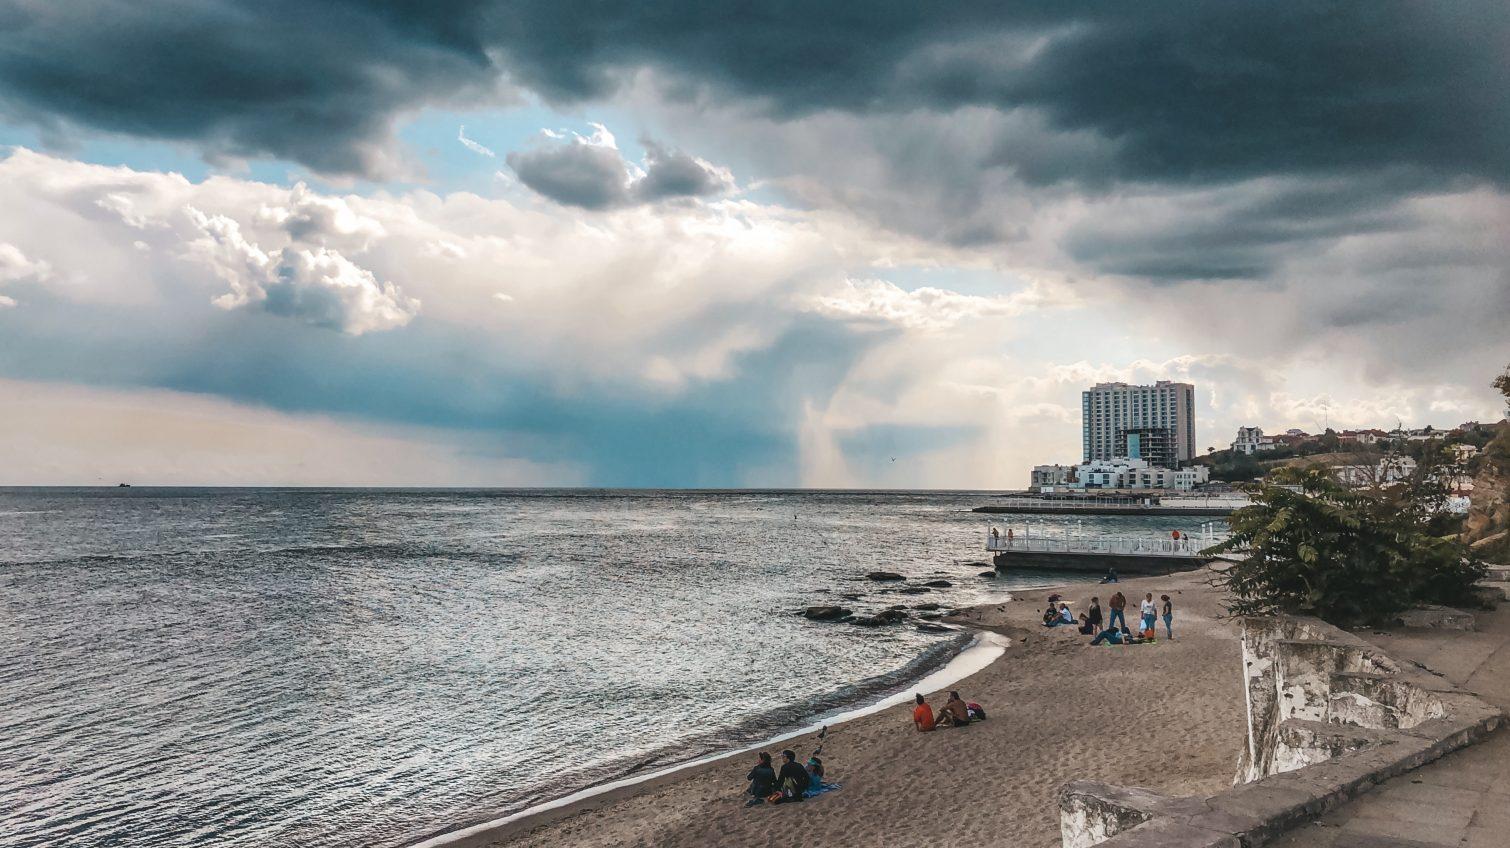 В субботу в Одессе похолодает: ночью обещают до 8 градусов тепла «фото»